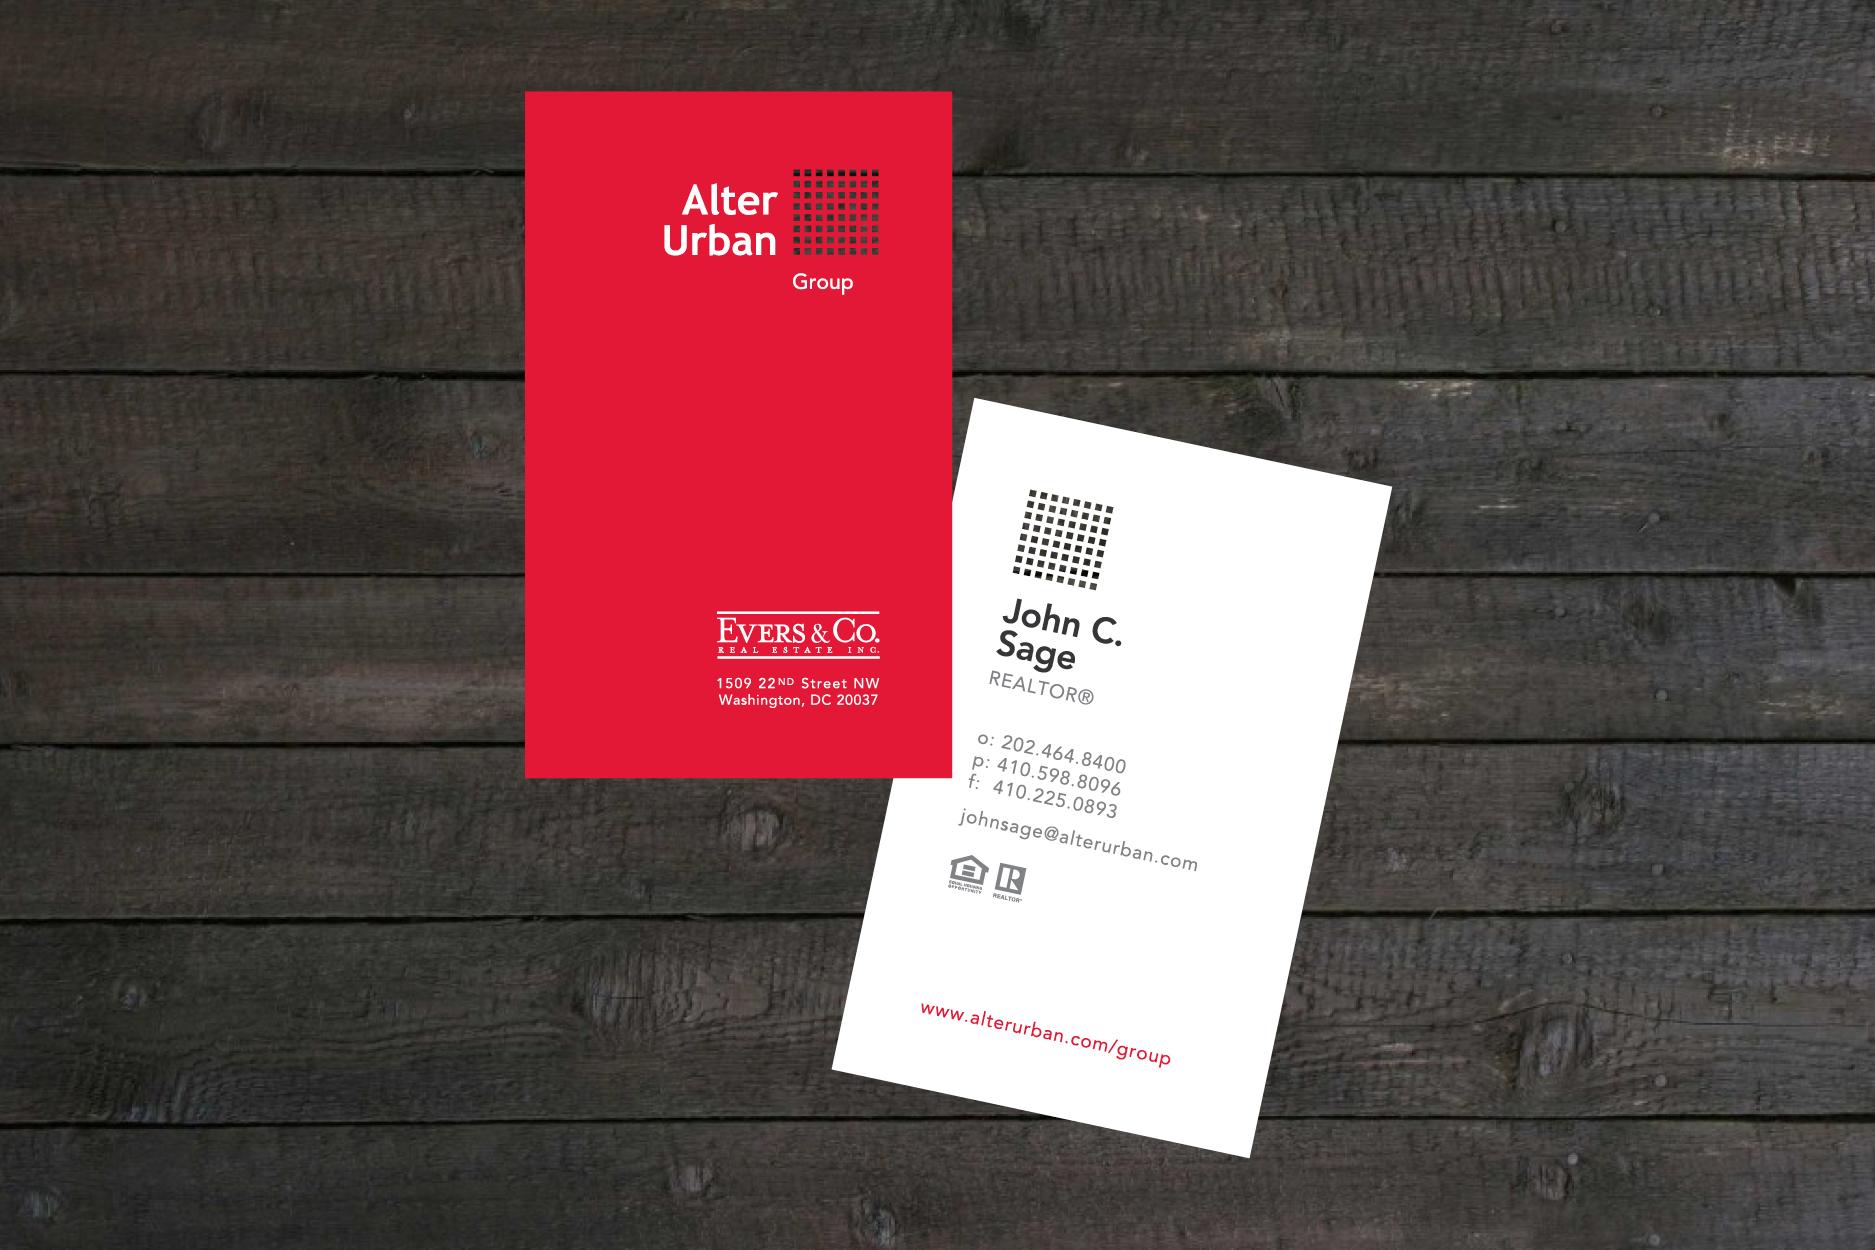 Alter Urban Aram Designs